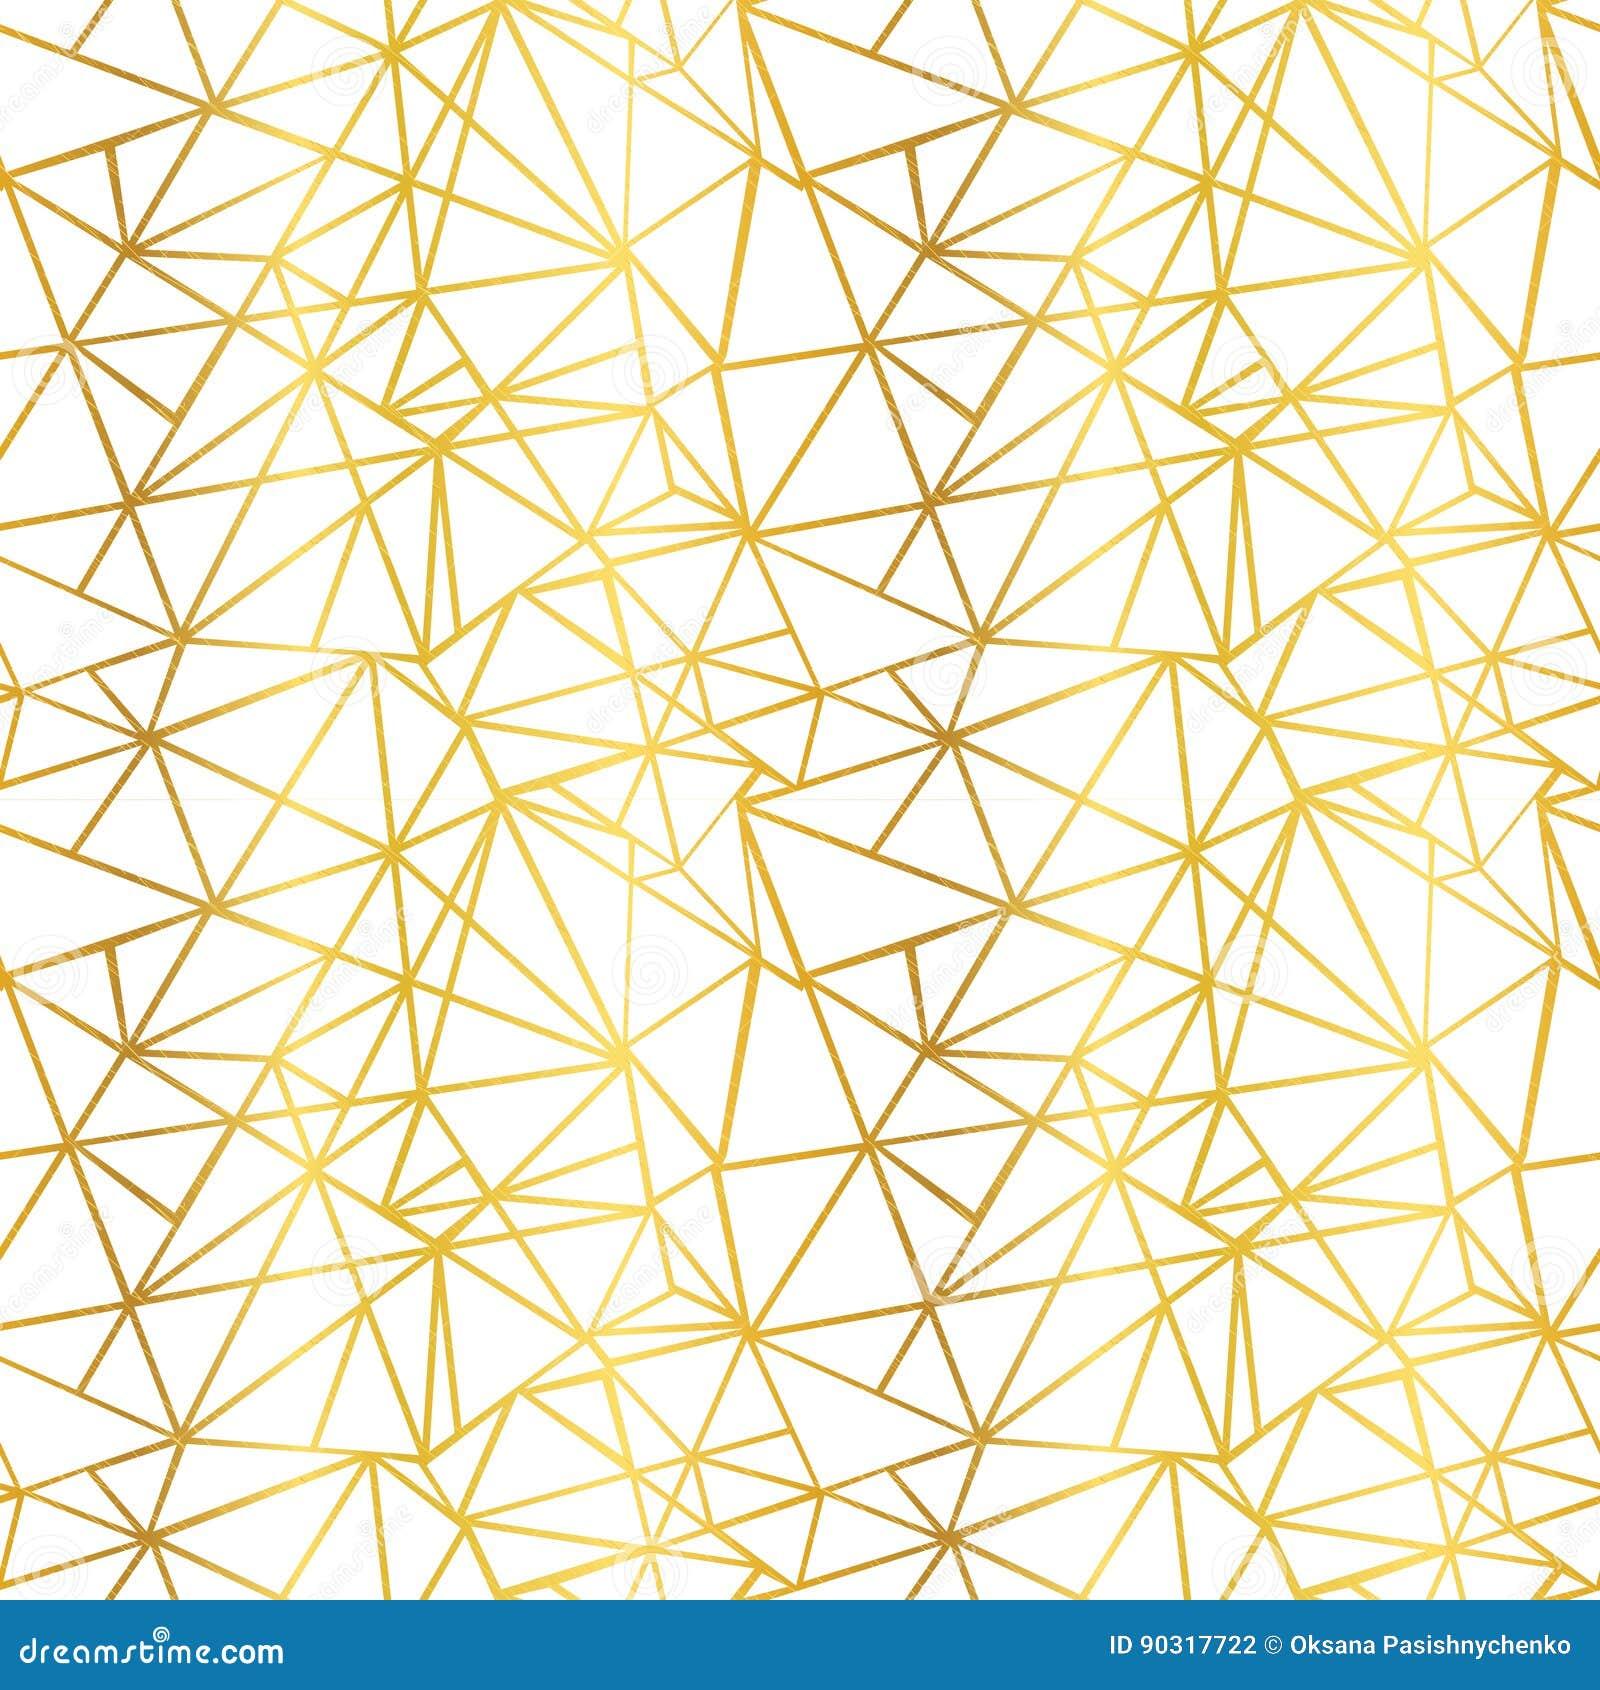 Τα διανυσματικά άσπρα και χρυσά φύλλων αλουμινίου τρίγωνα μωσαϊκών καλωδίων γεωμετρικά επαναλαμβάνουν το άνευ ραφής υπόβαθρο σχεδ